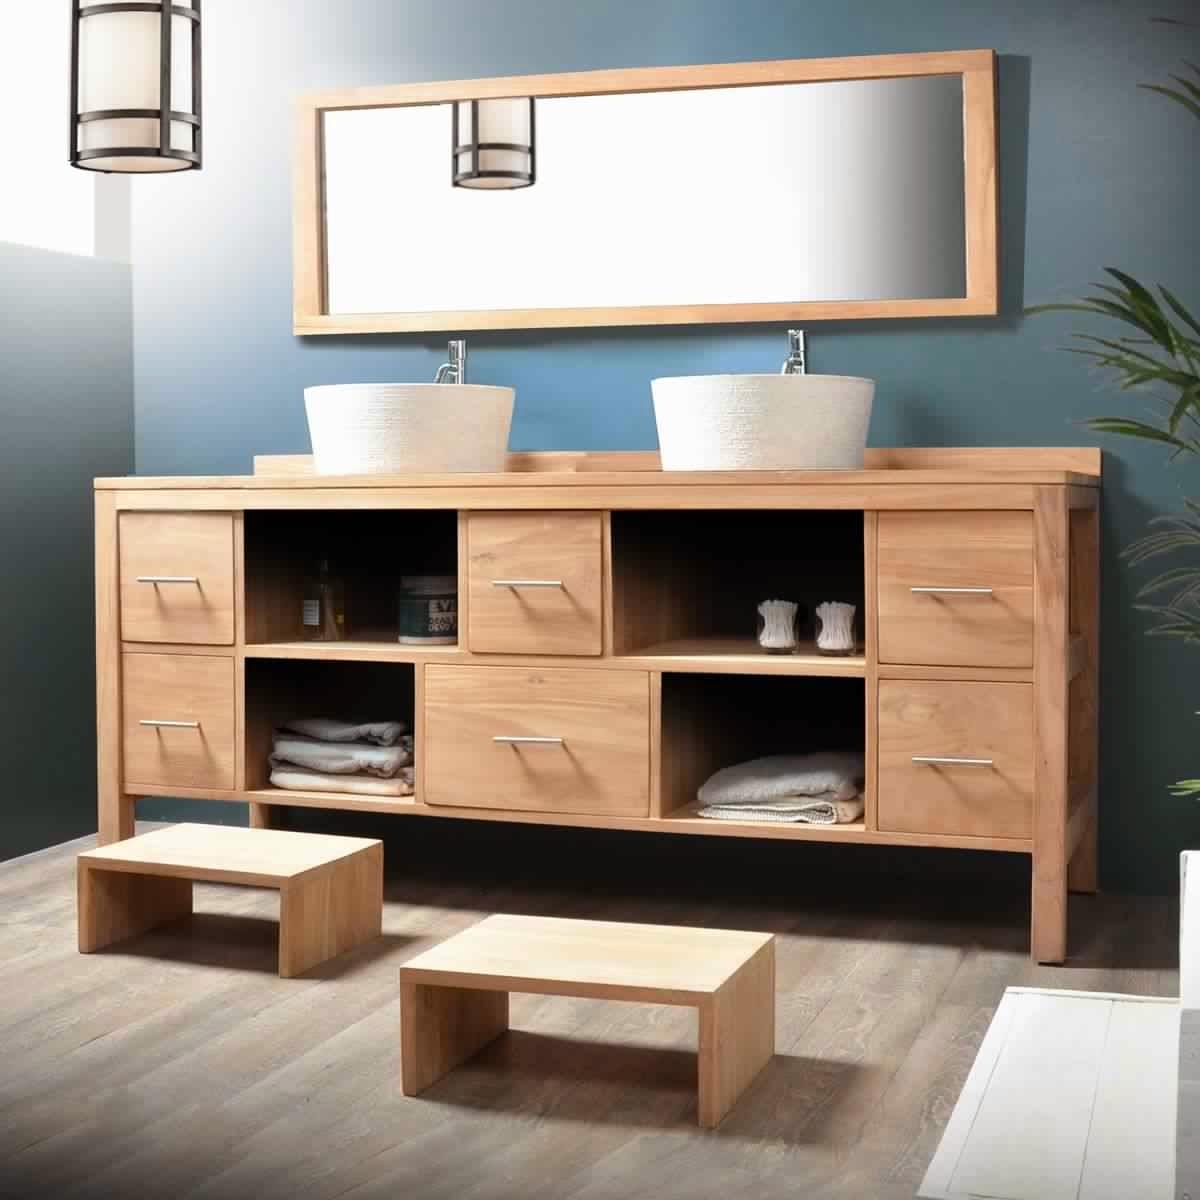 Meuble salle de bain bois 2 vasques meuble d coration maison for 2 vasques salle de bain